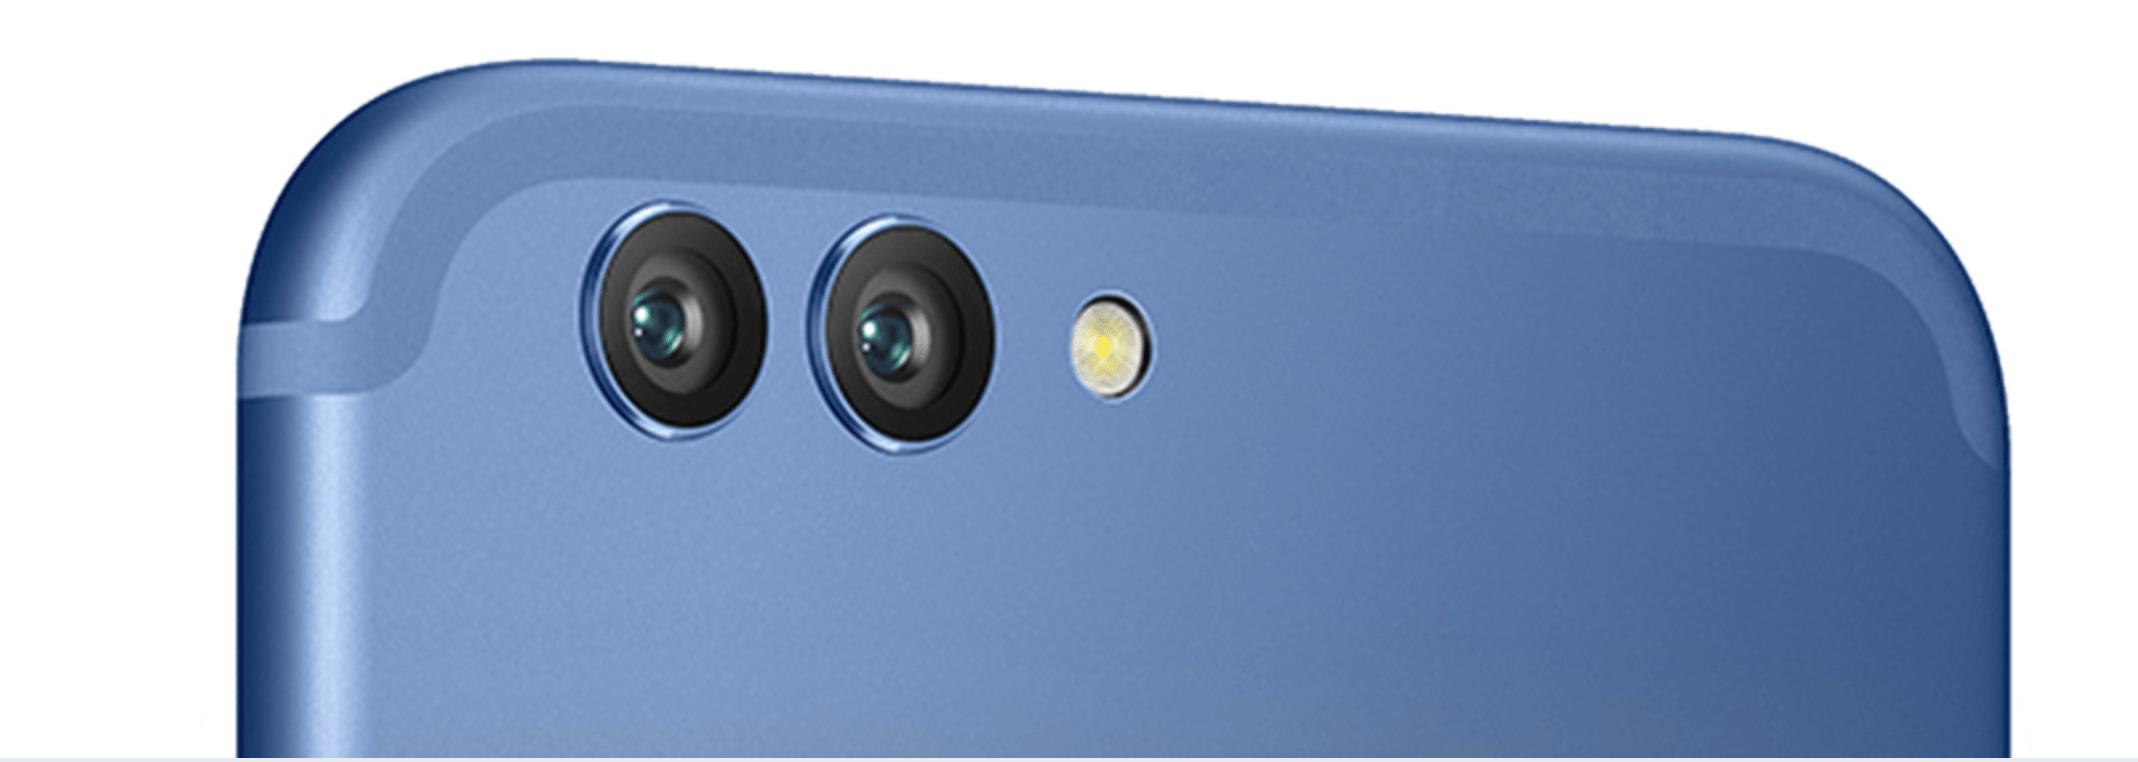 Cámara Huawei Nova 2 Plus